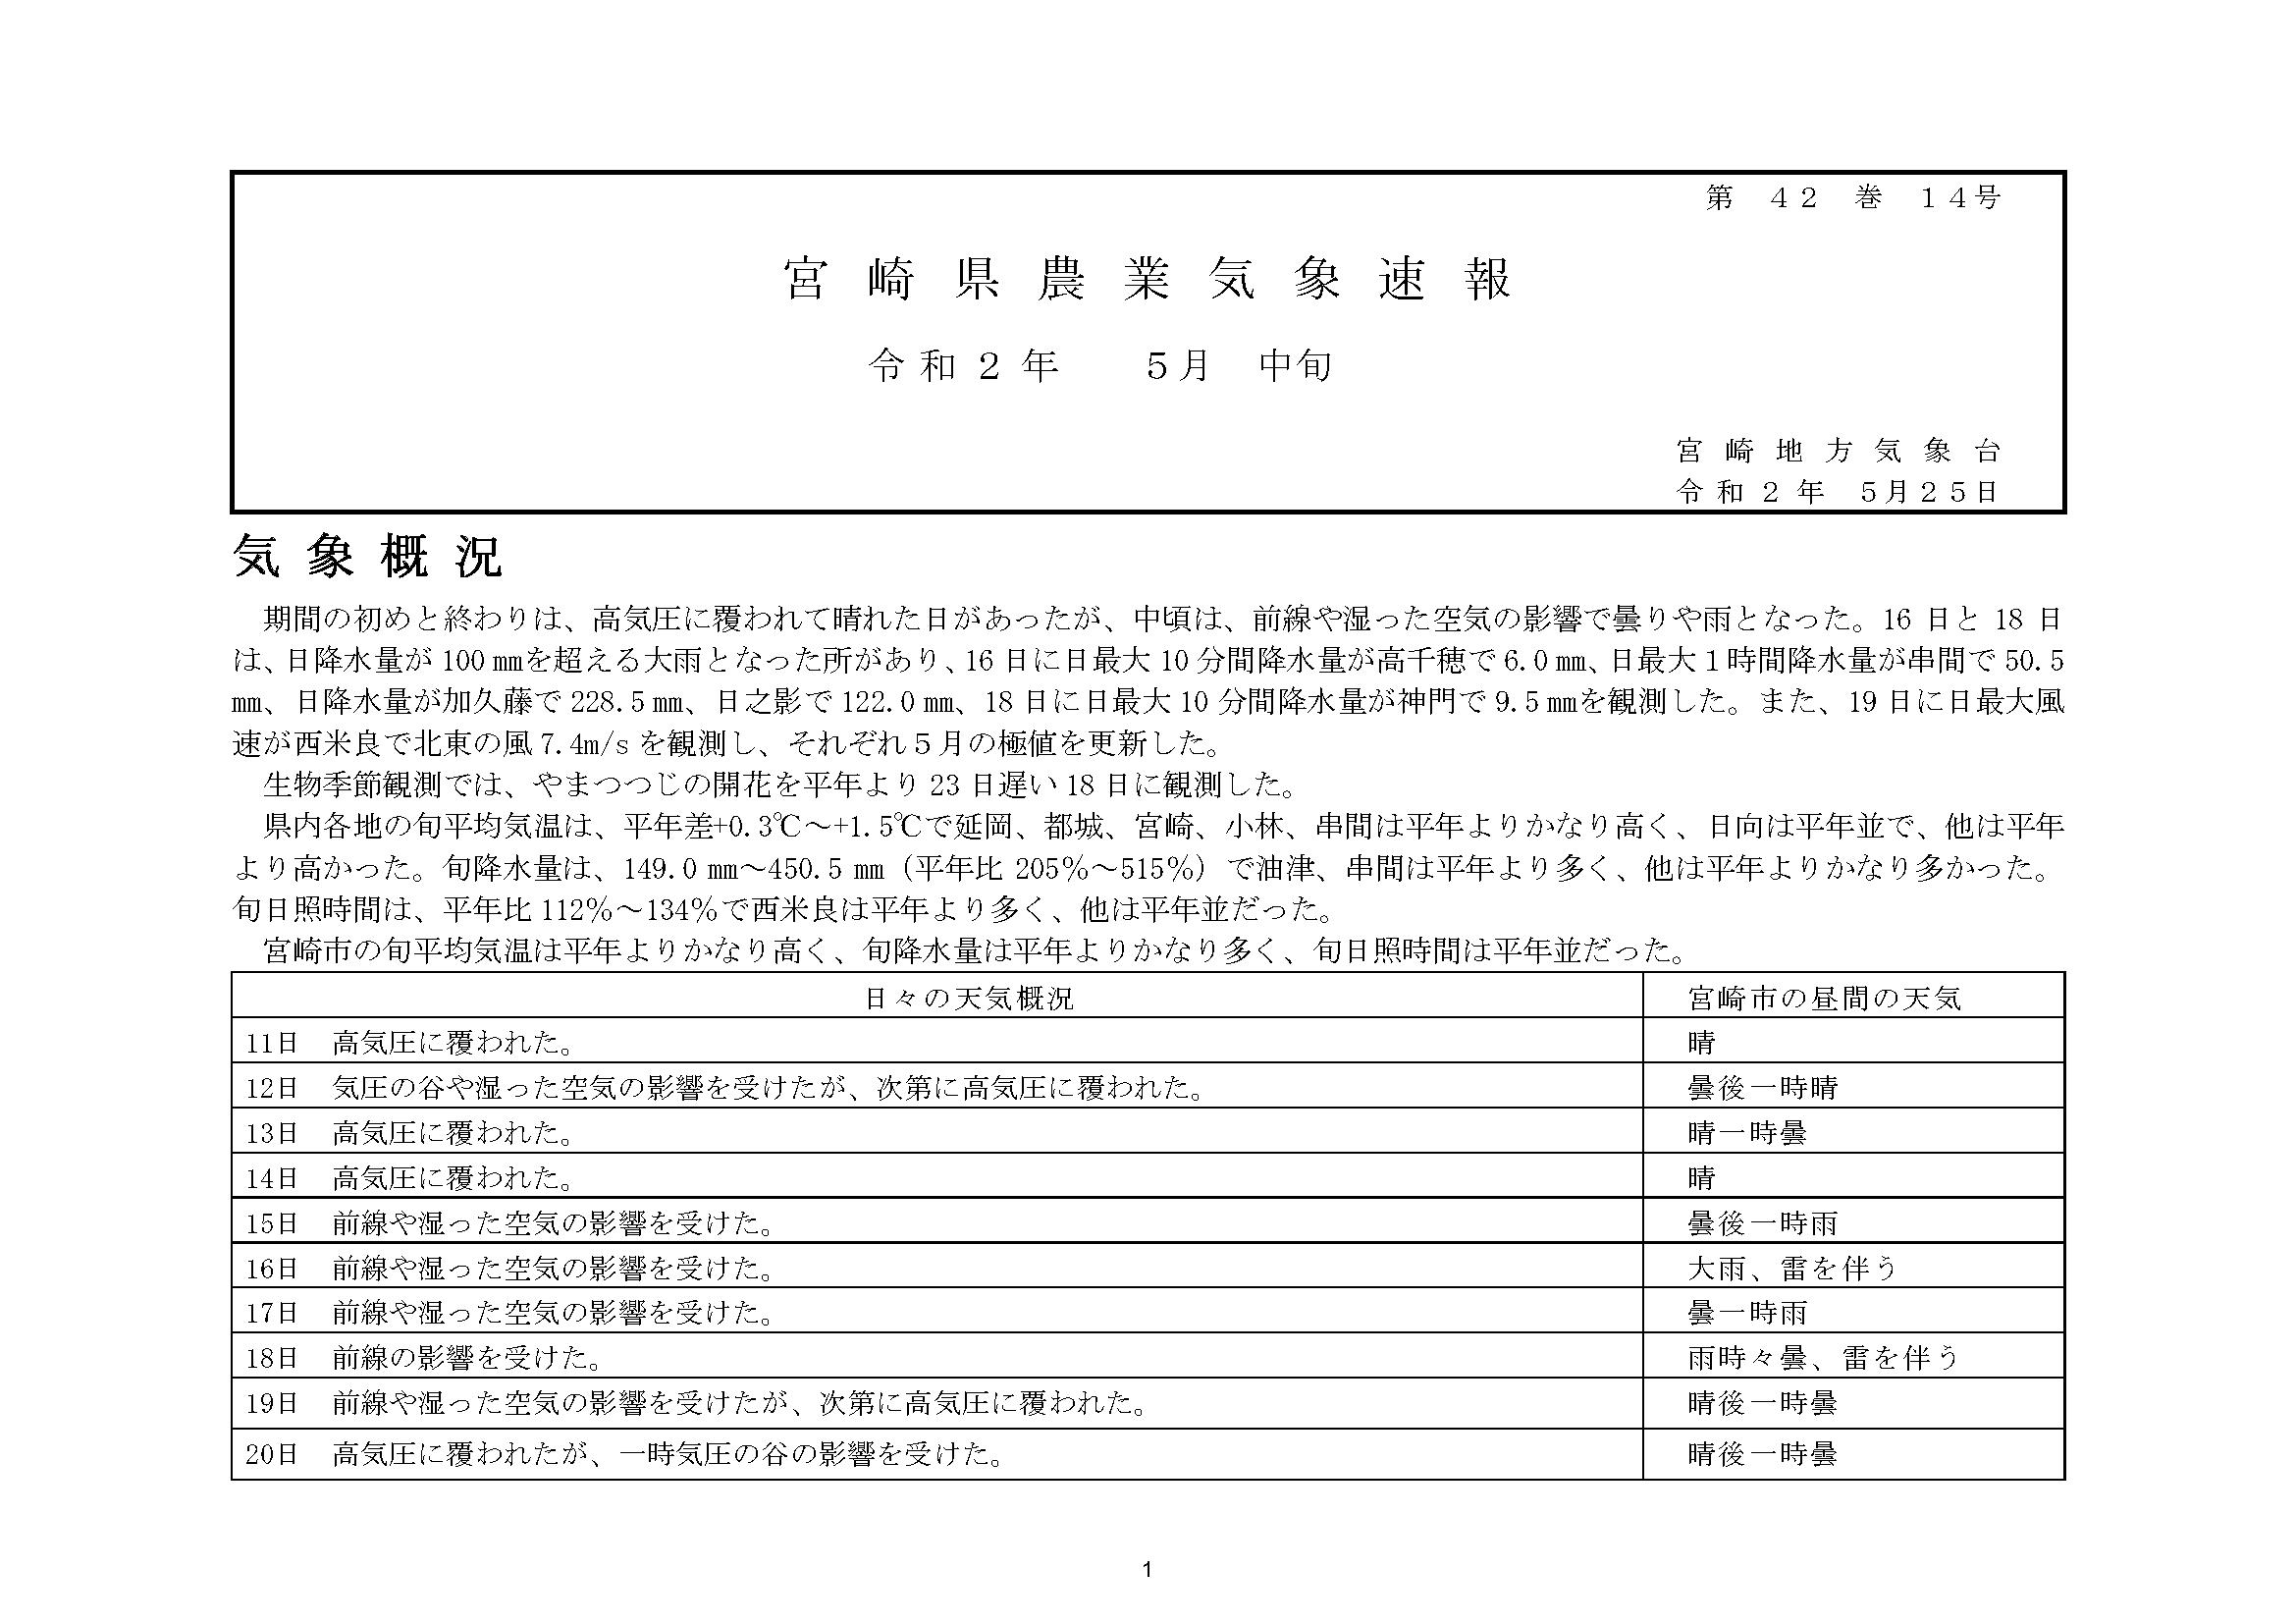 宮崎県農業気象速報令和2年5月中旬PDF